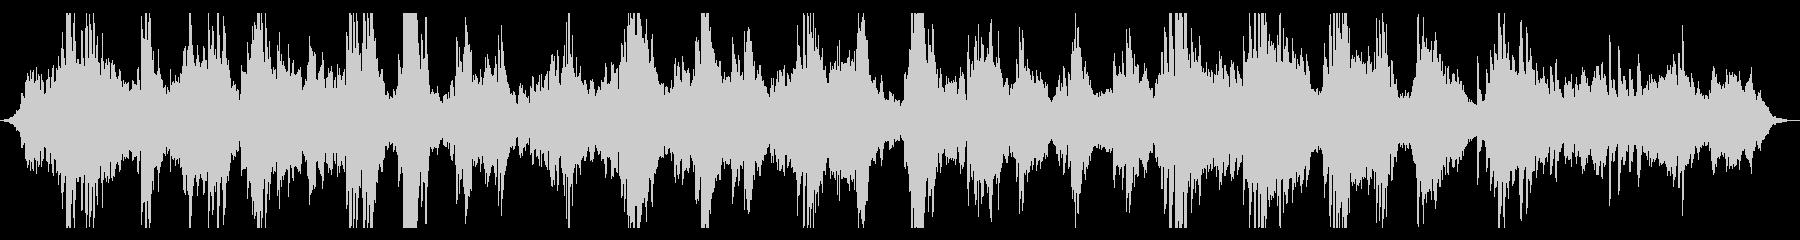 静謐・神秘的 ピアノのヒーリングBGMの未再生の波形